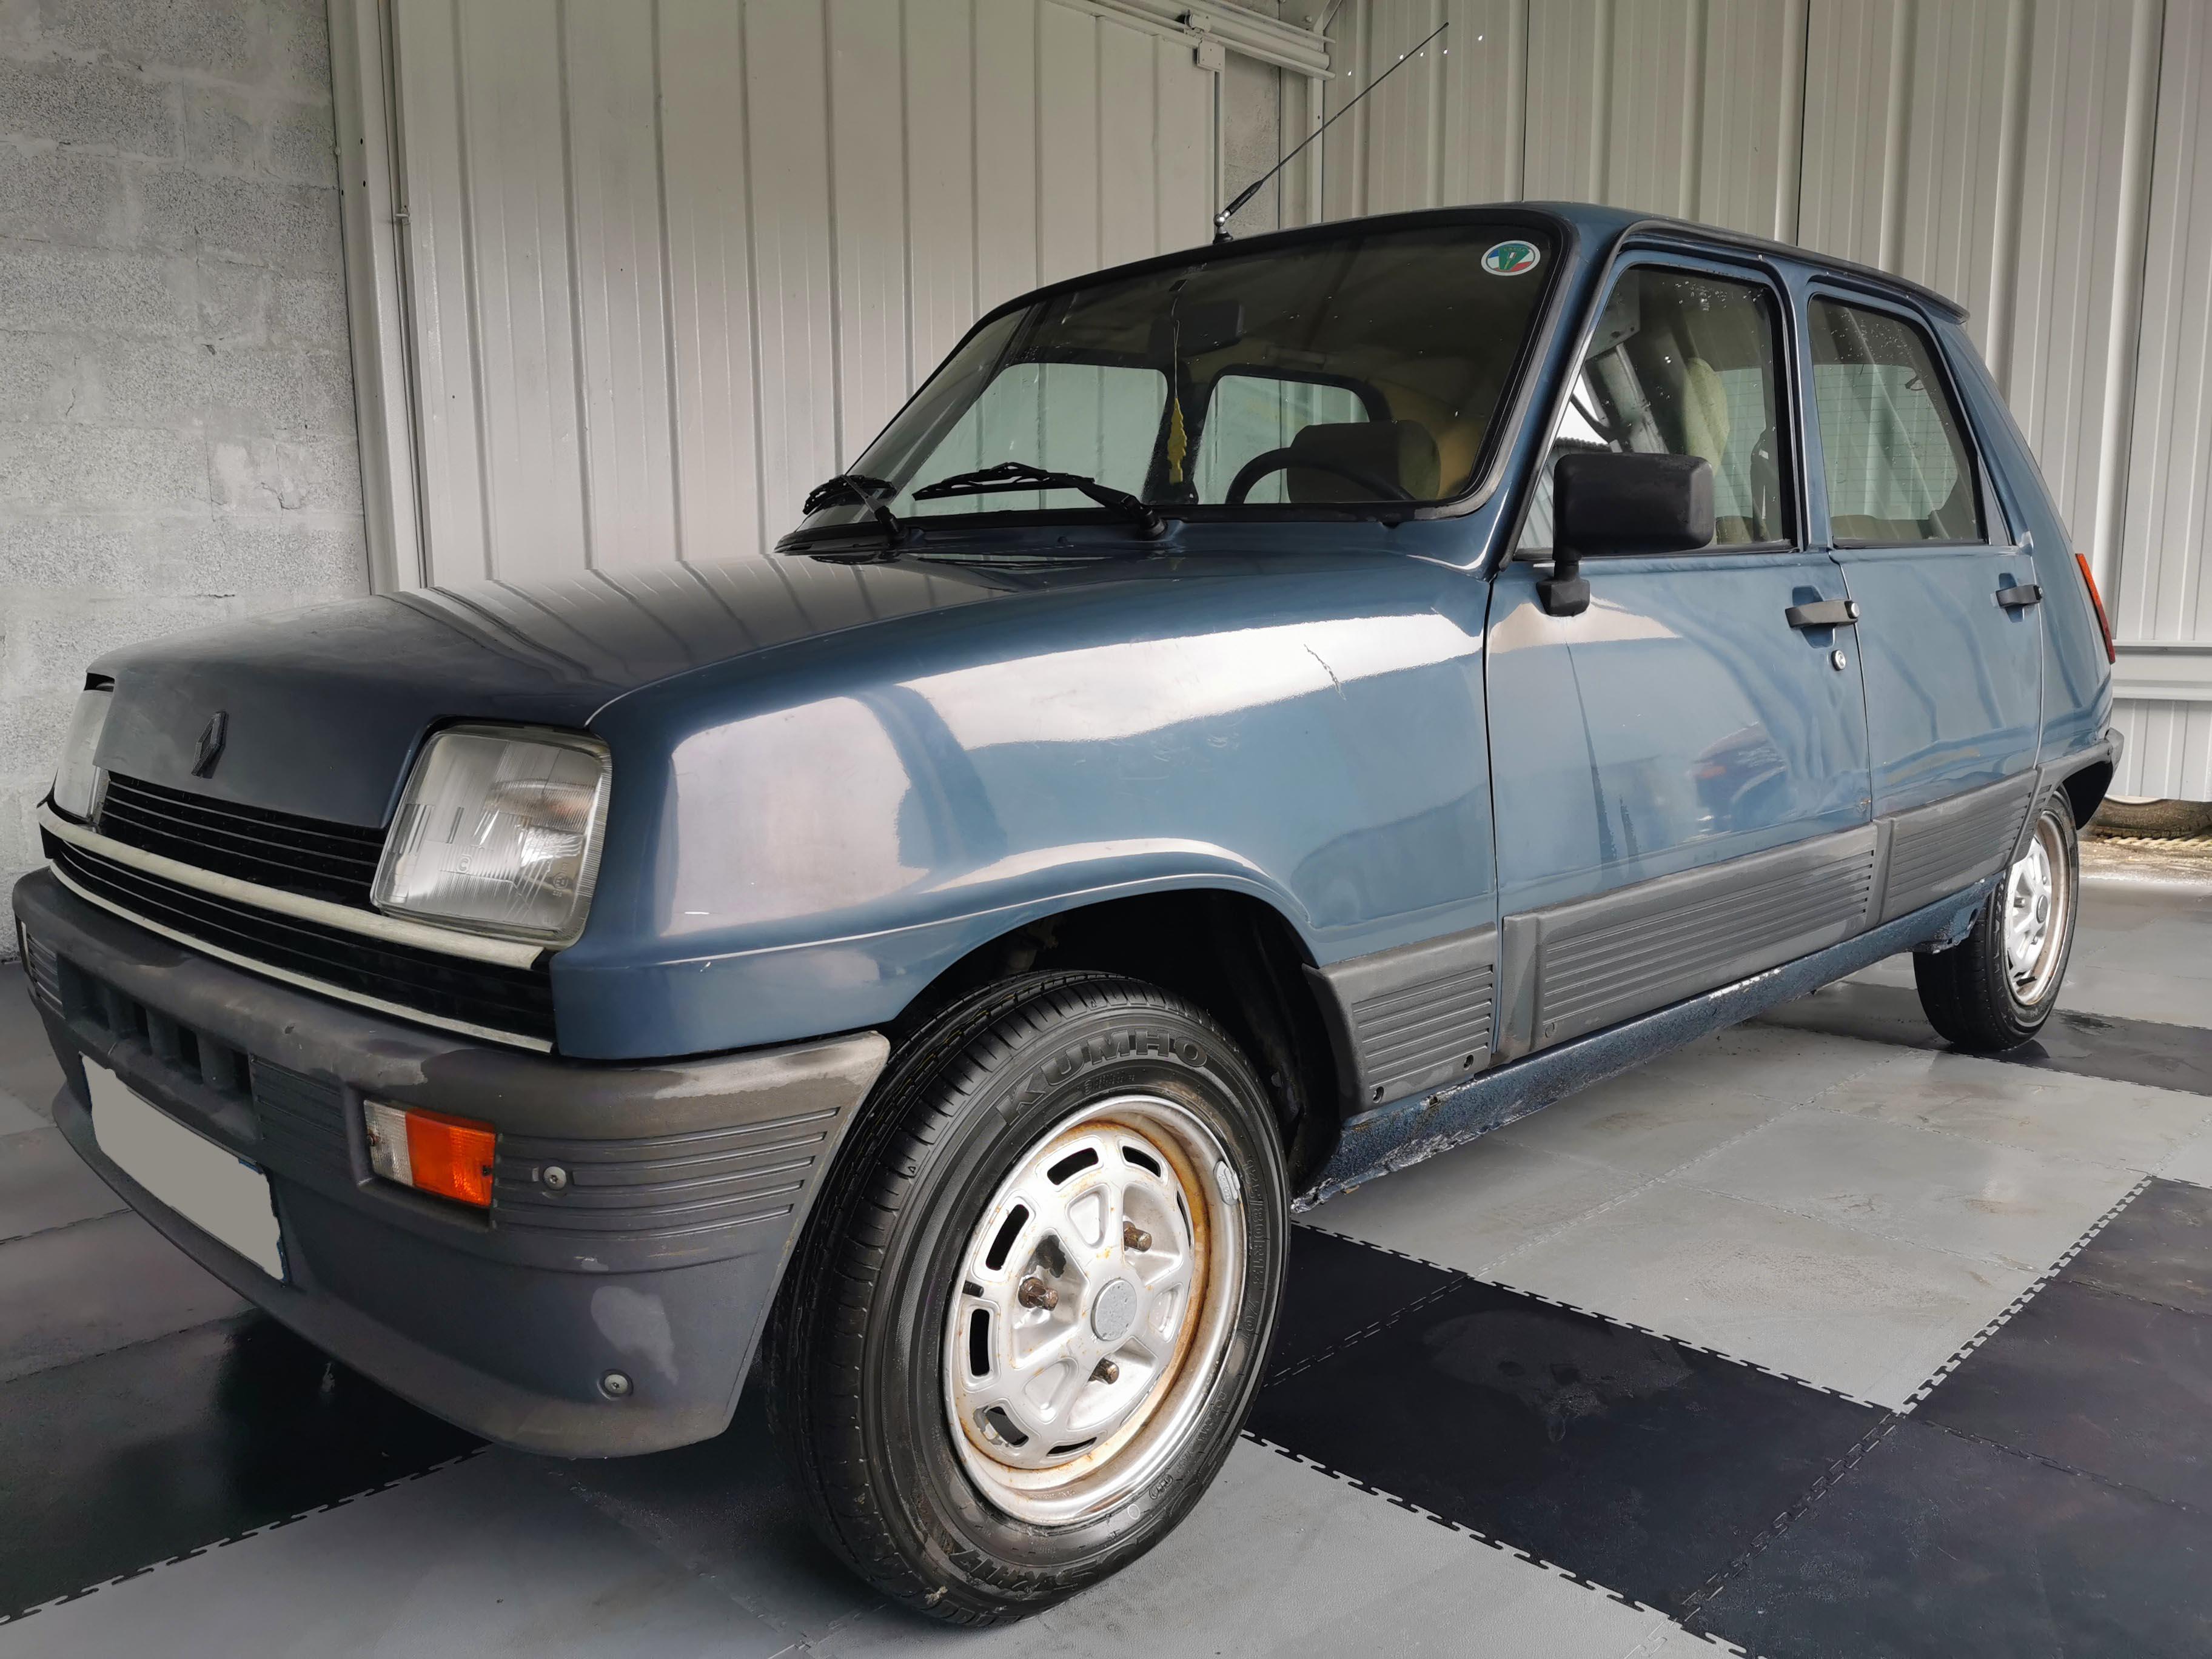 A vendre Renault R5 GTL berline 5 portes de collection (1982) peu kilométré